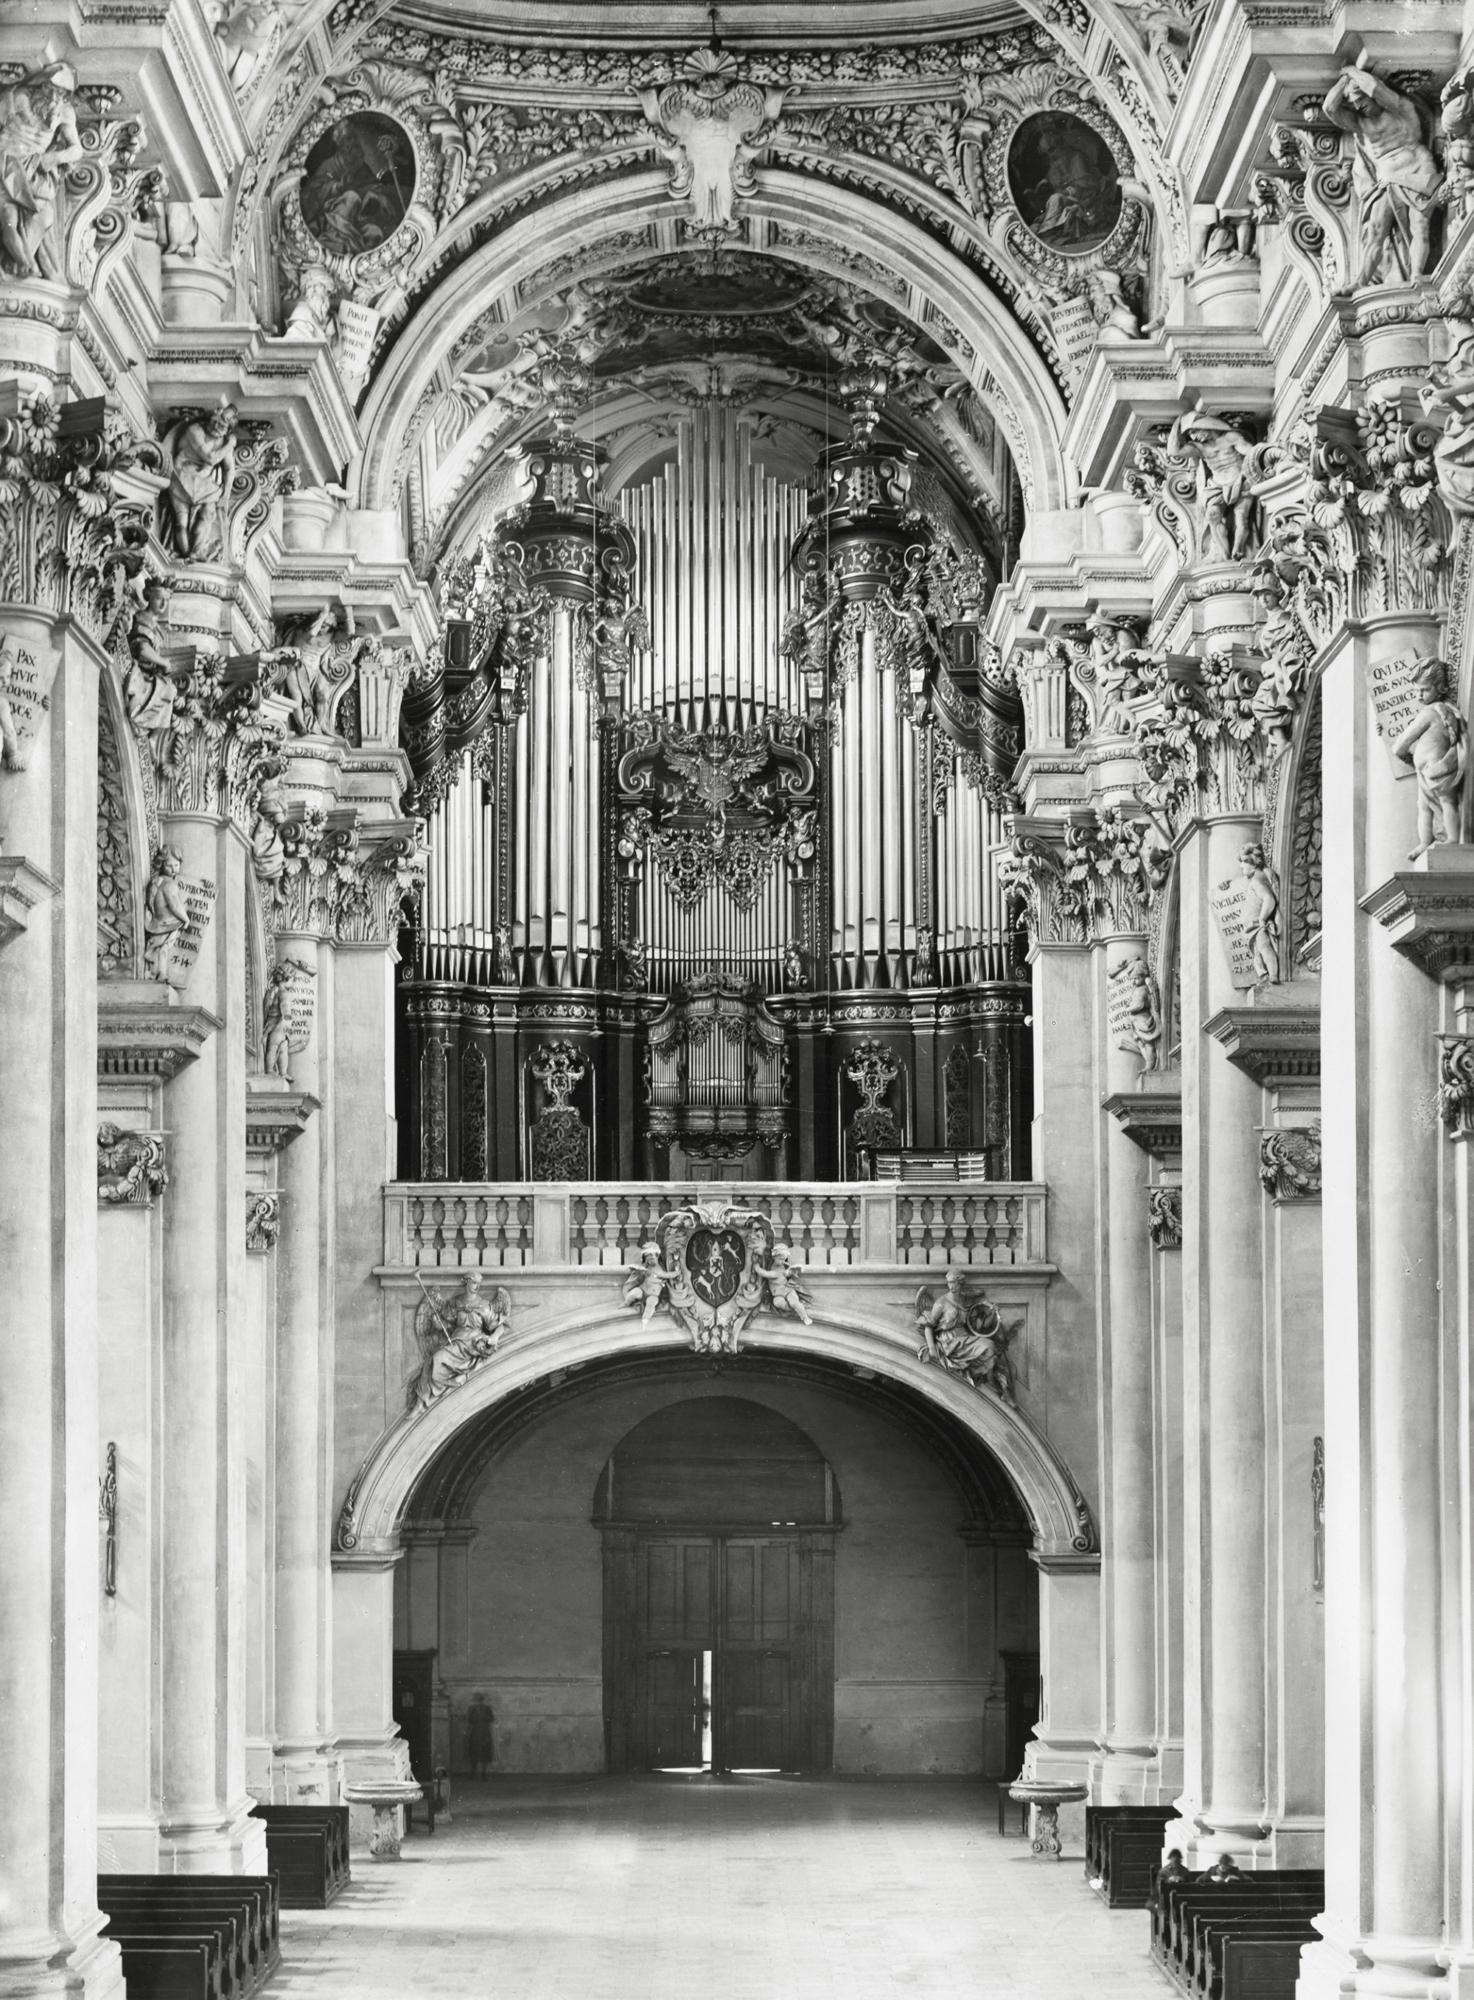 Steinmeyer Archiv Bild 1 Domorgel 1928